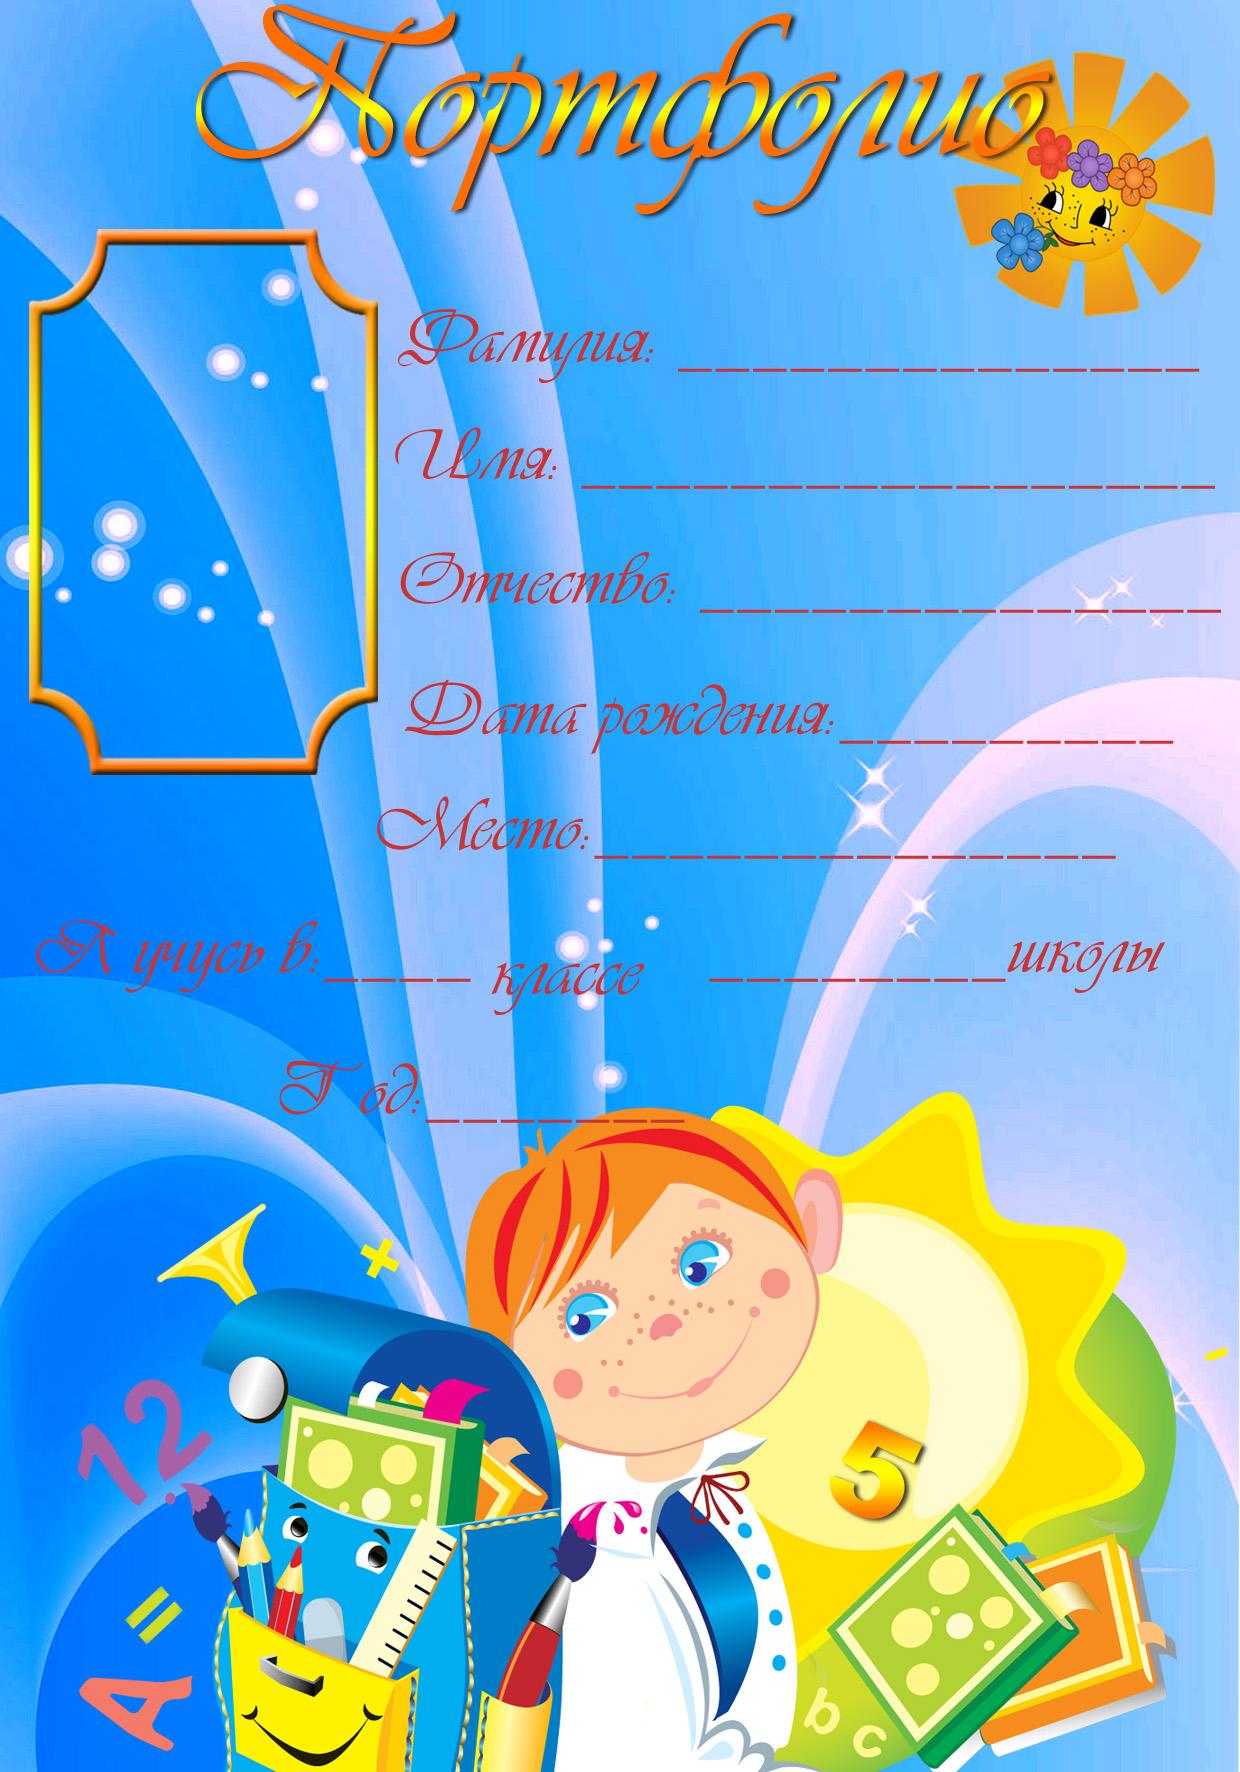 Портфолио картинки шаблоны, открытки днем рожденья